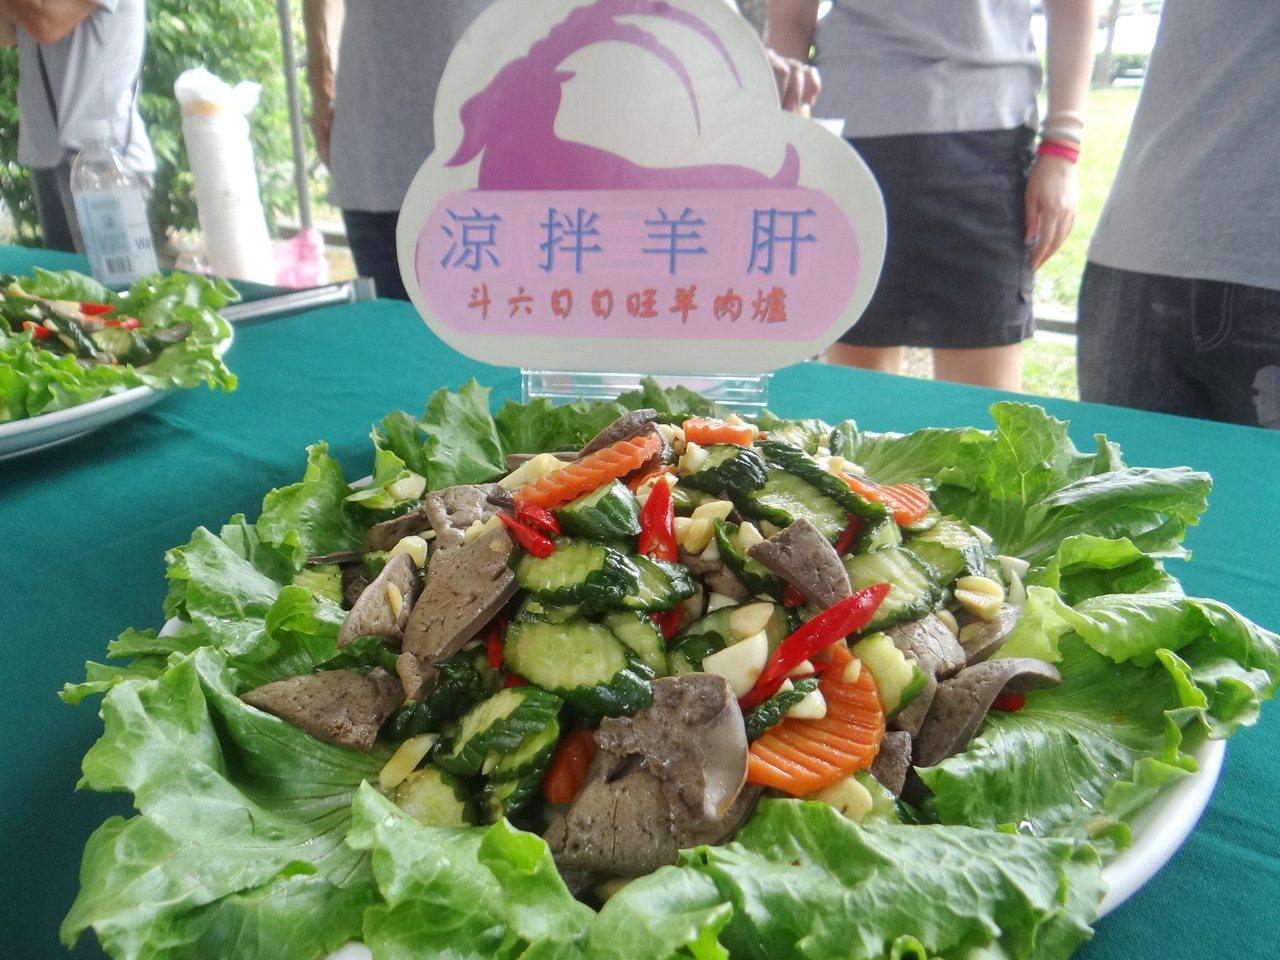 冷拌羊肝細嫩爽口,夏天最佳的小吃羊料理。記者蔡維斌/攝影